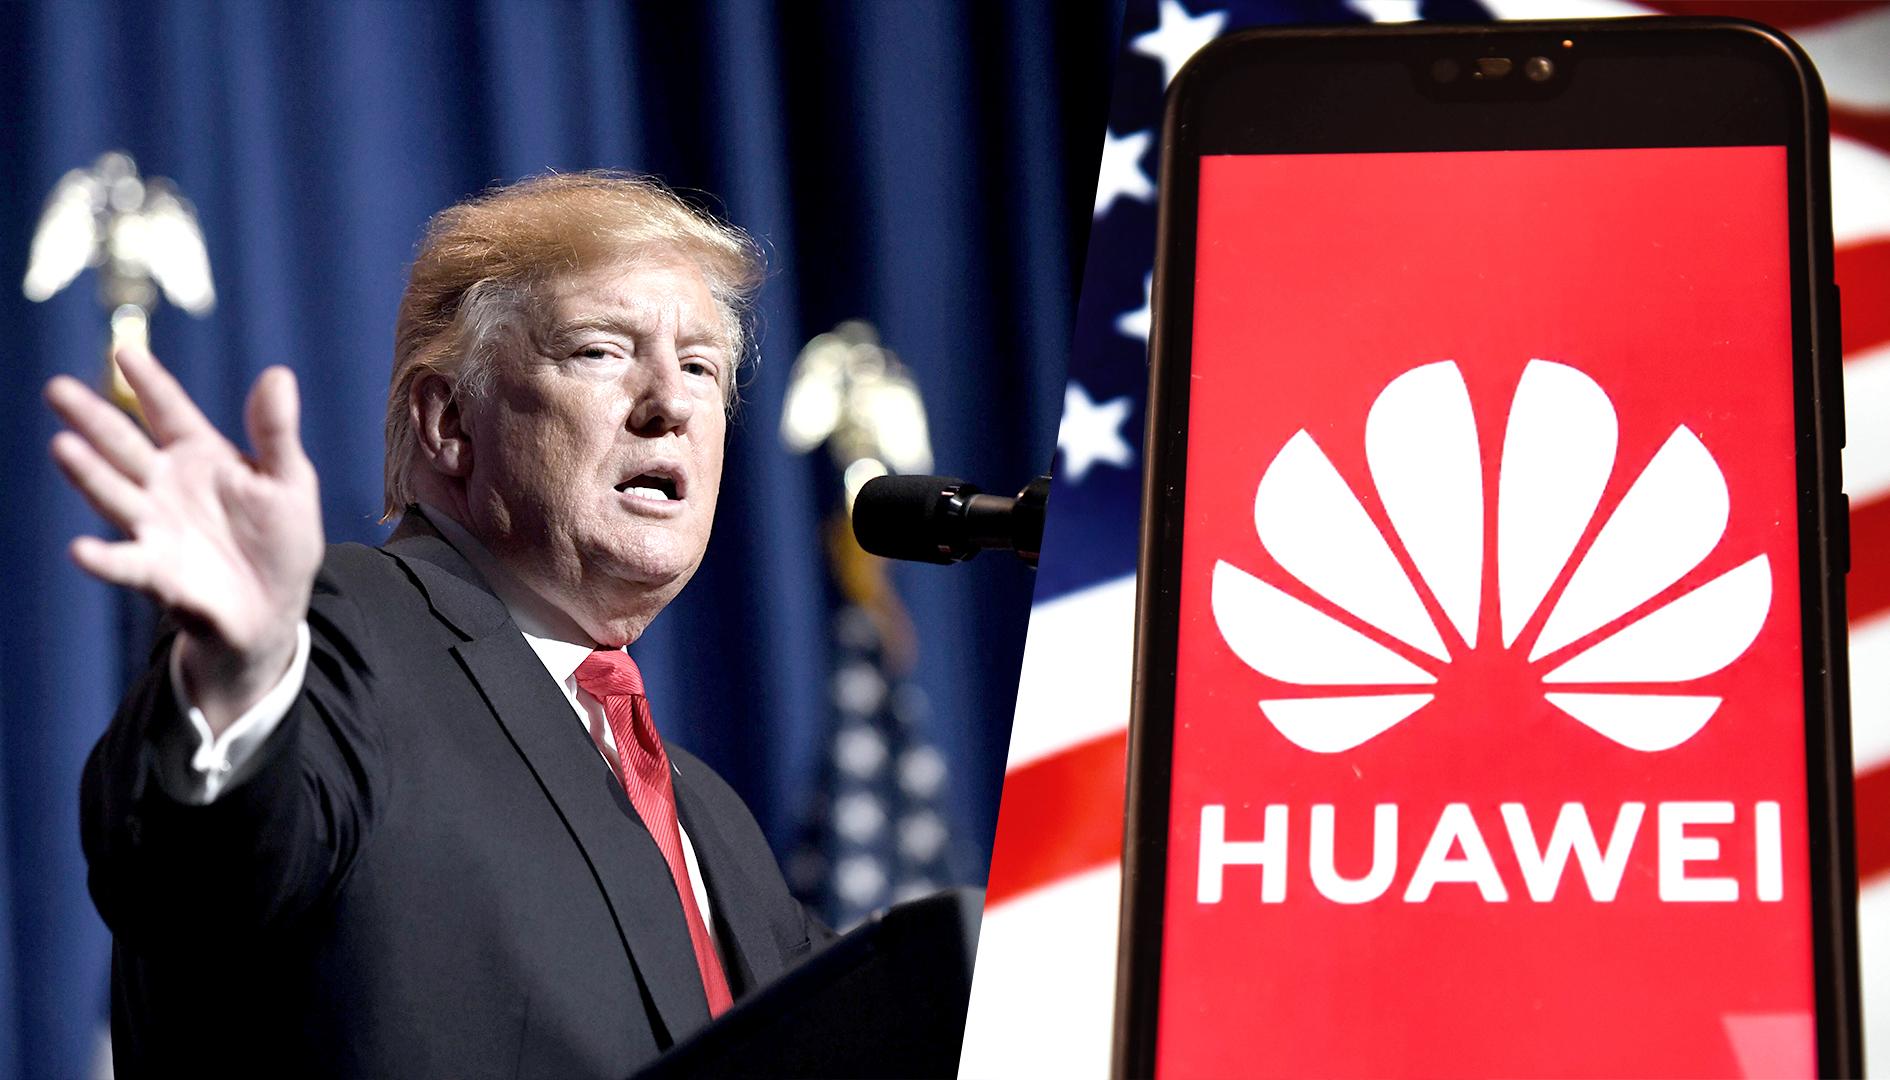 Huawei-USA: la proroga potrebbe essere estesa per altri 90 giorni